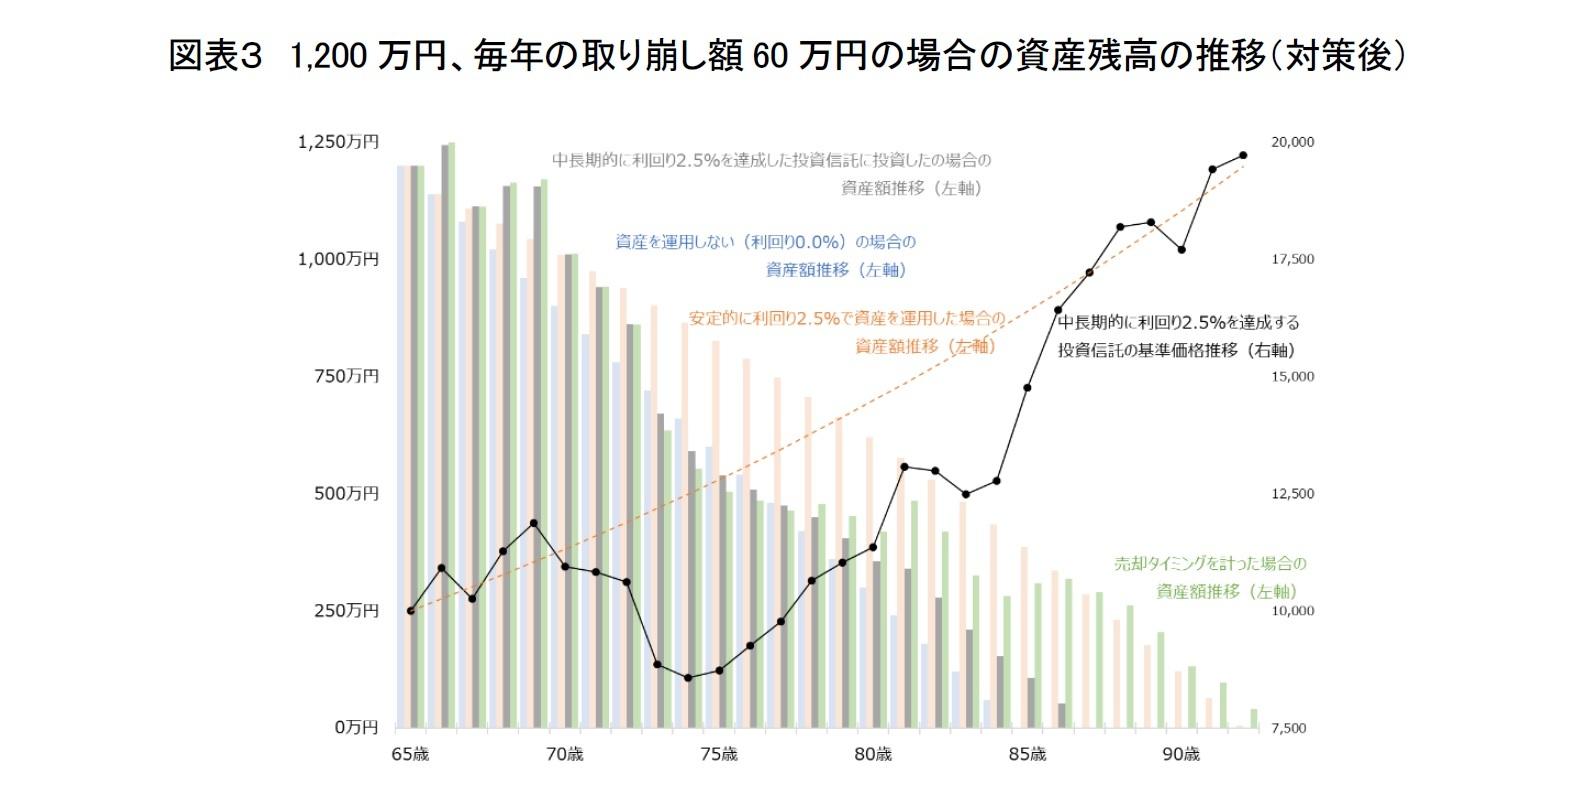 図表3 1,200万円、毎年の取り崩し額60万円の場合の資産残高の推移(対策後)